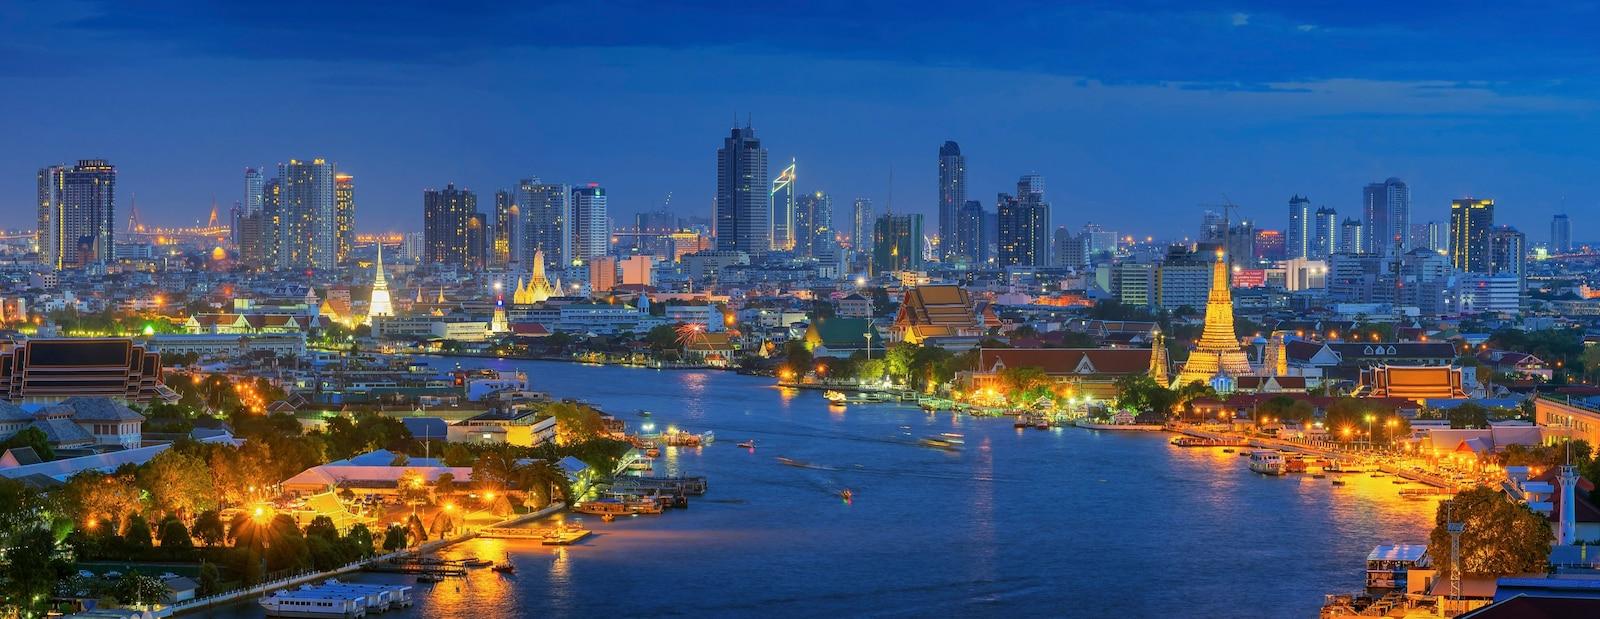 曼谷的度假屋